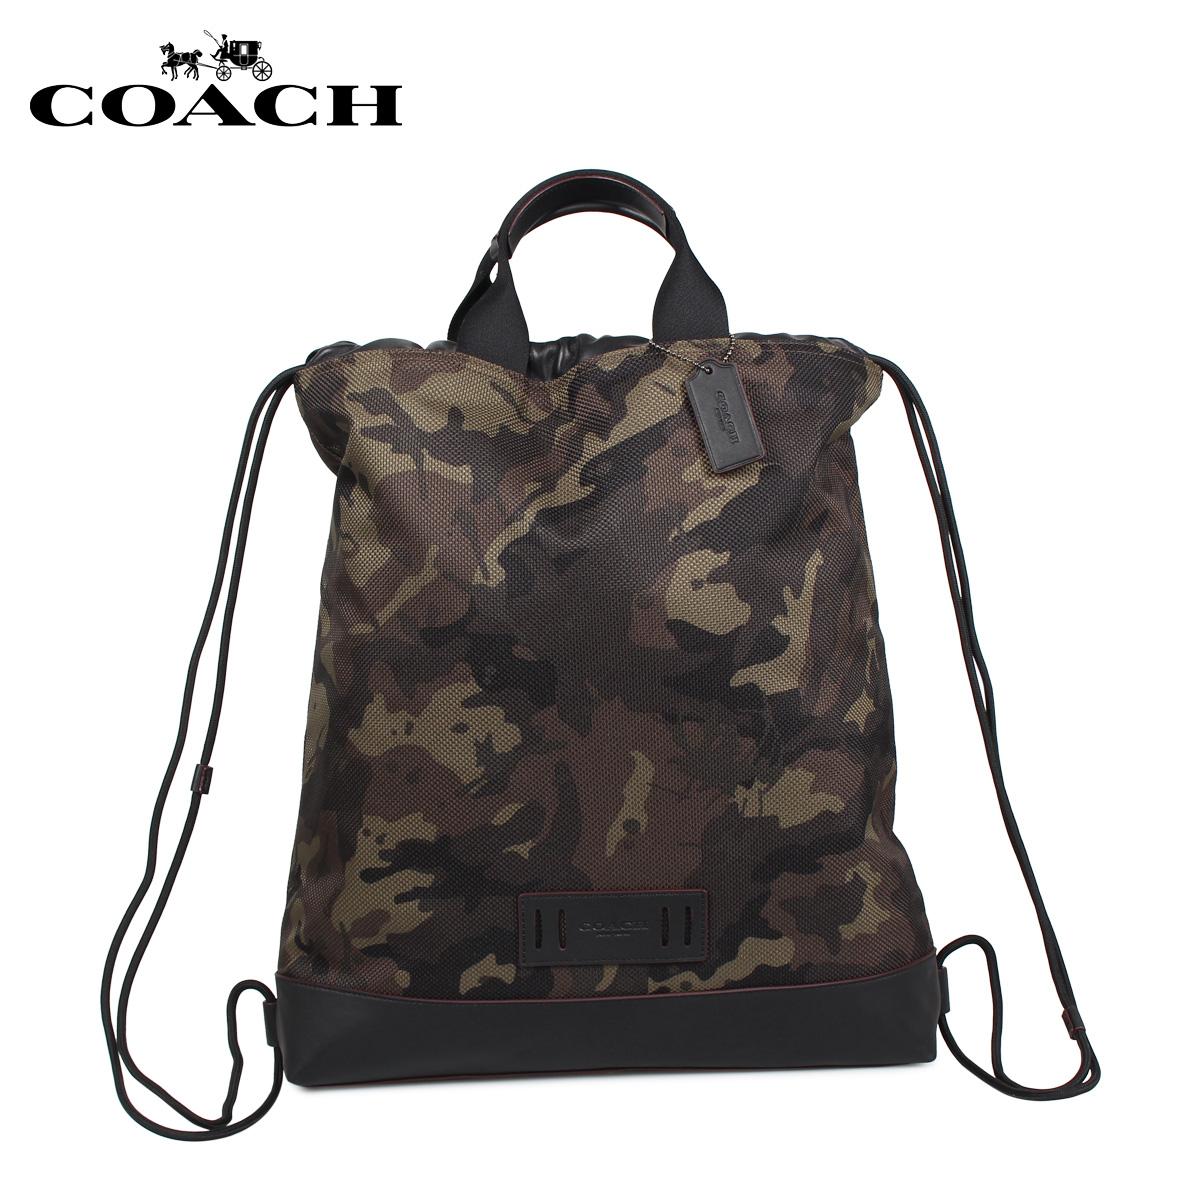 COACH F76784 コーチ バッグ リュック バッグパック メンズ カモフラージュ